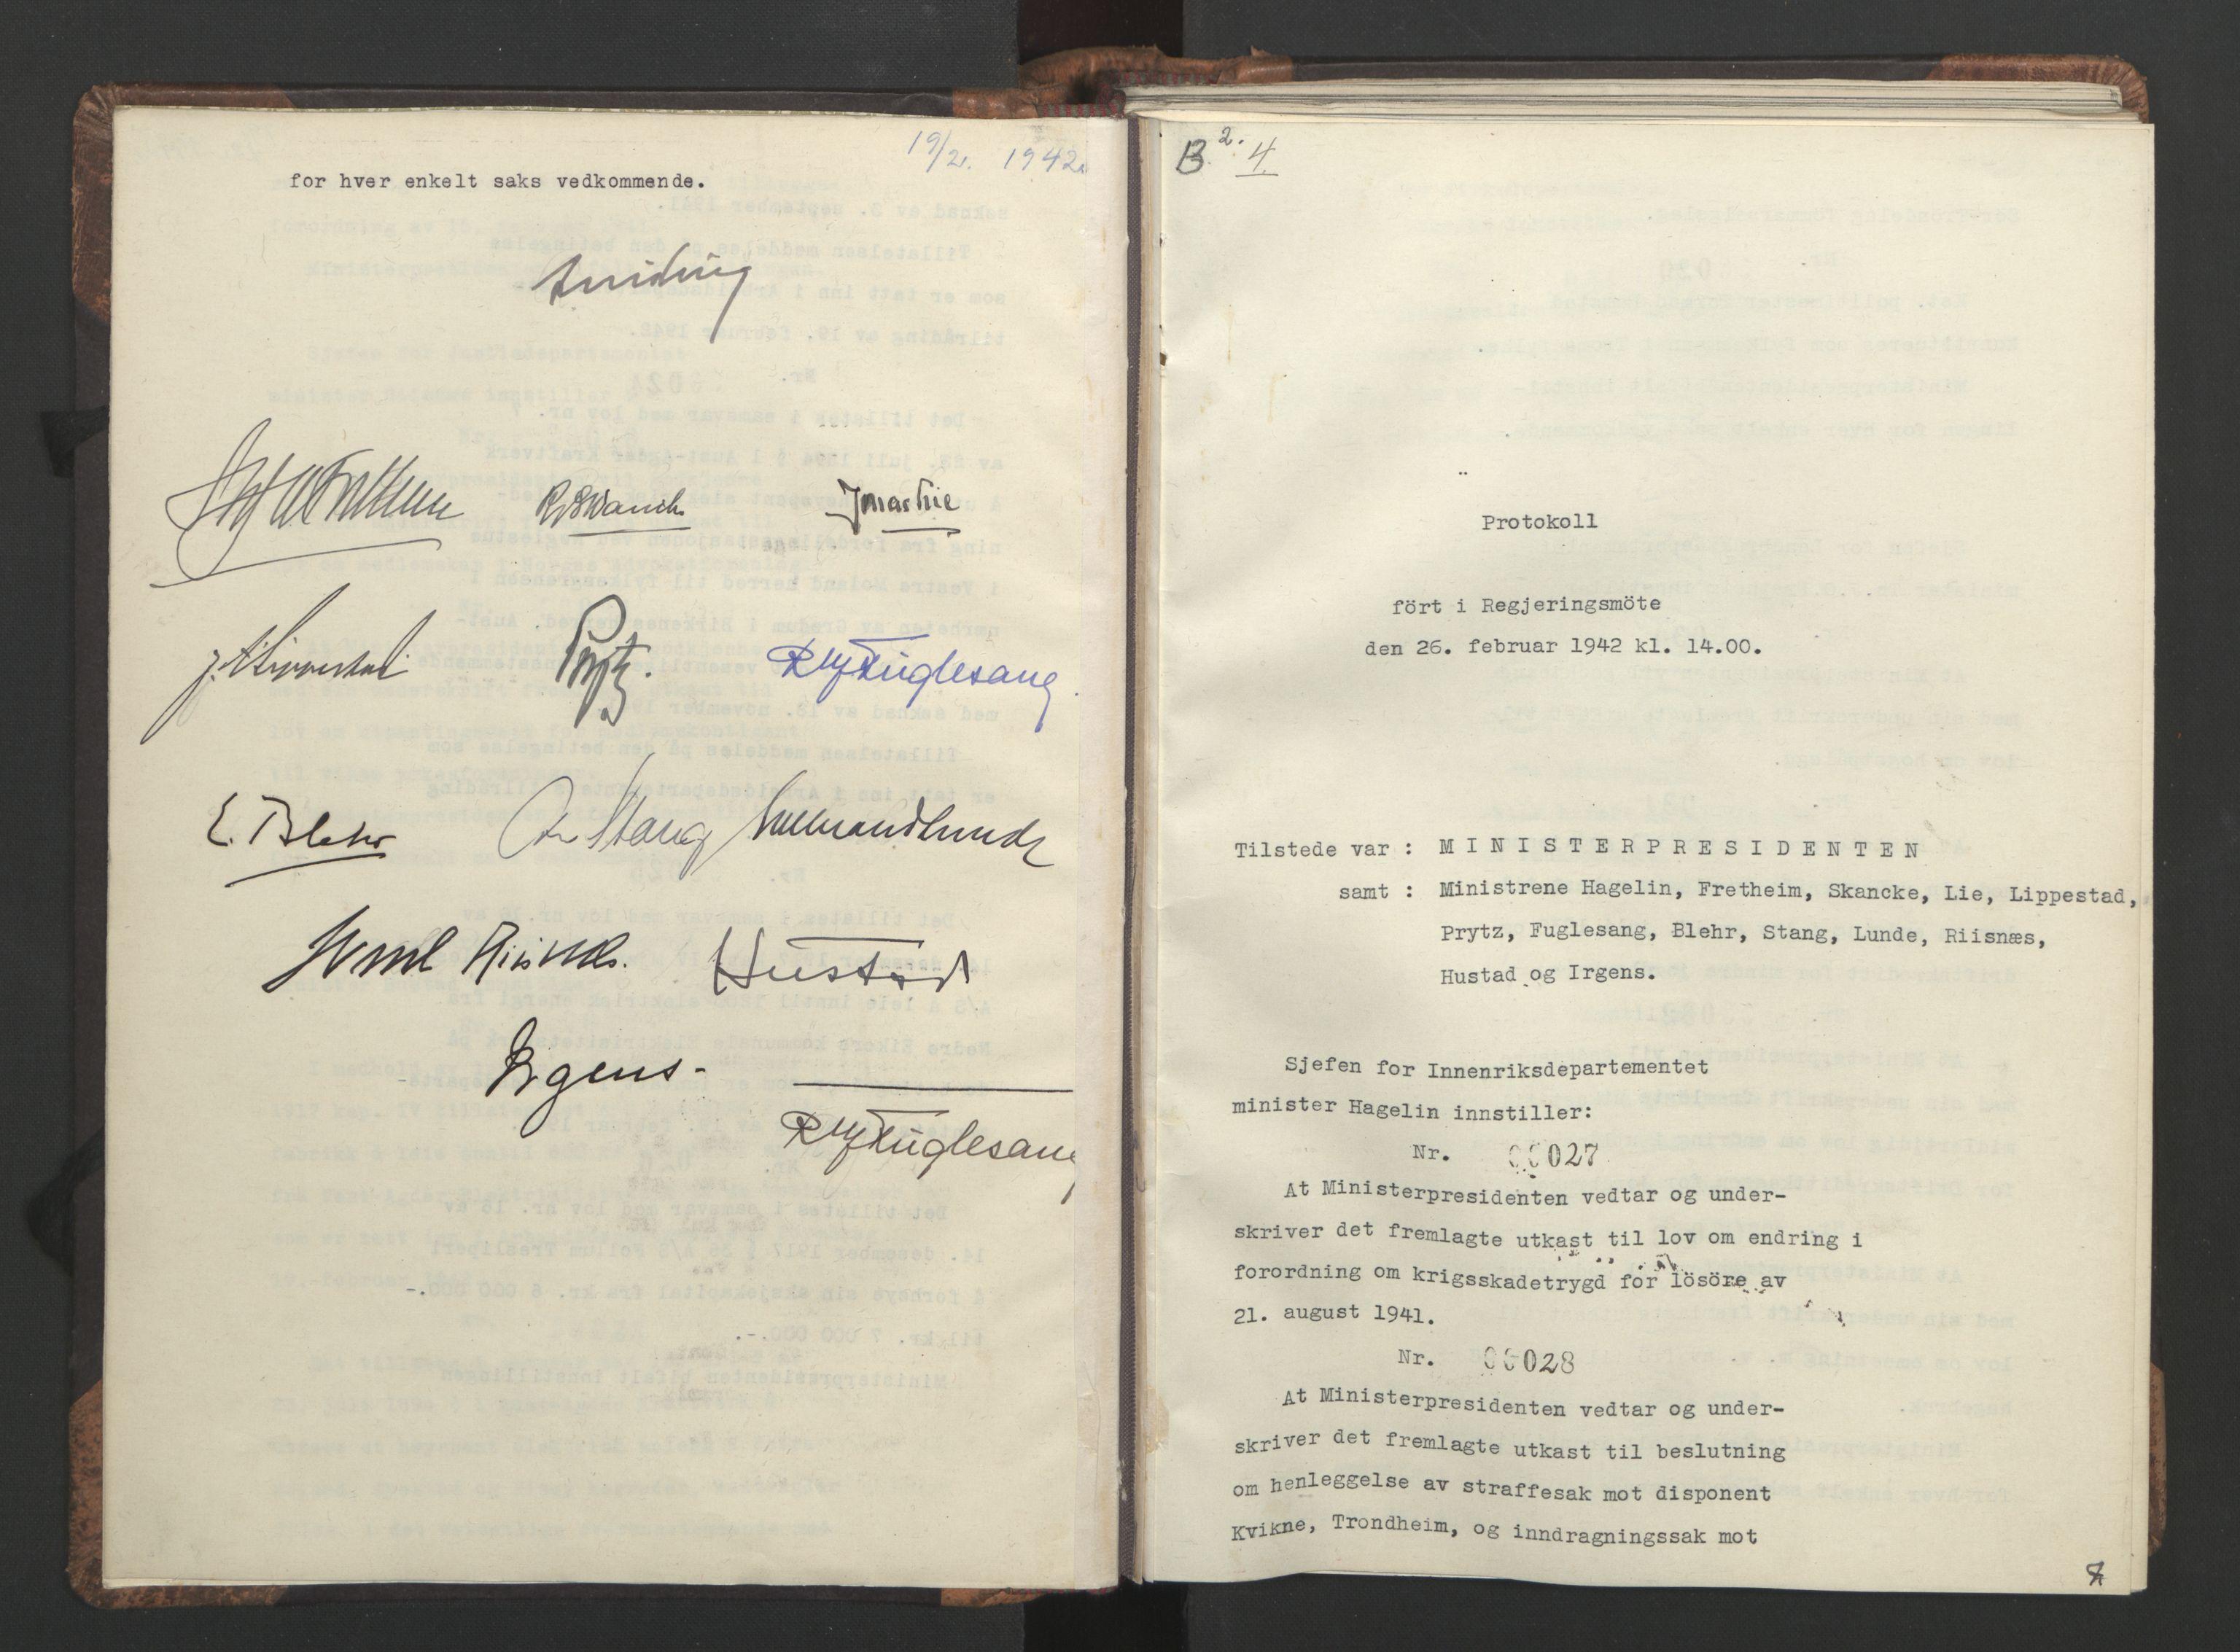 RA, NS-administrasjonen 1940-1945 (Statsrådsekretariatet, de kommisariske statsråder mm), D/Da/L0001: Beslutninger og tillegg (1-952 og 1-32), 1942, s. 6b-7a